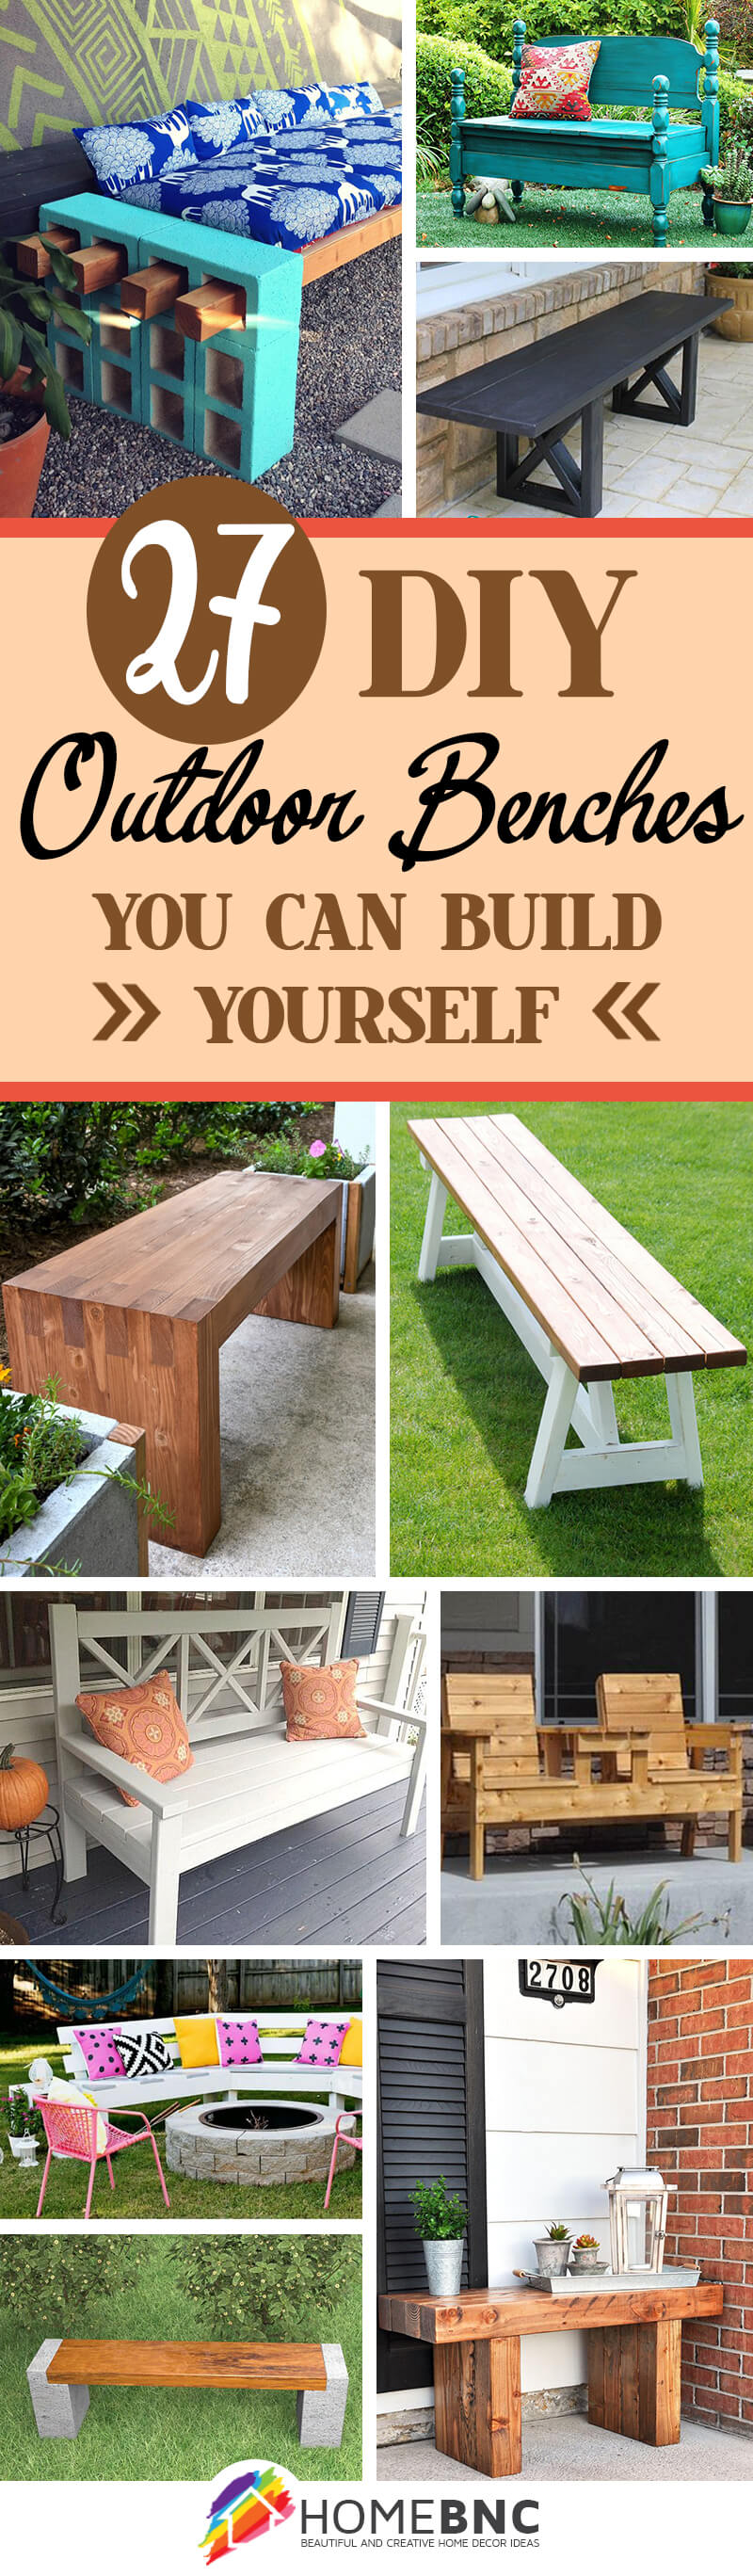 DIY Outdoor Bench Decor Ideas